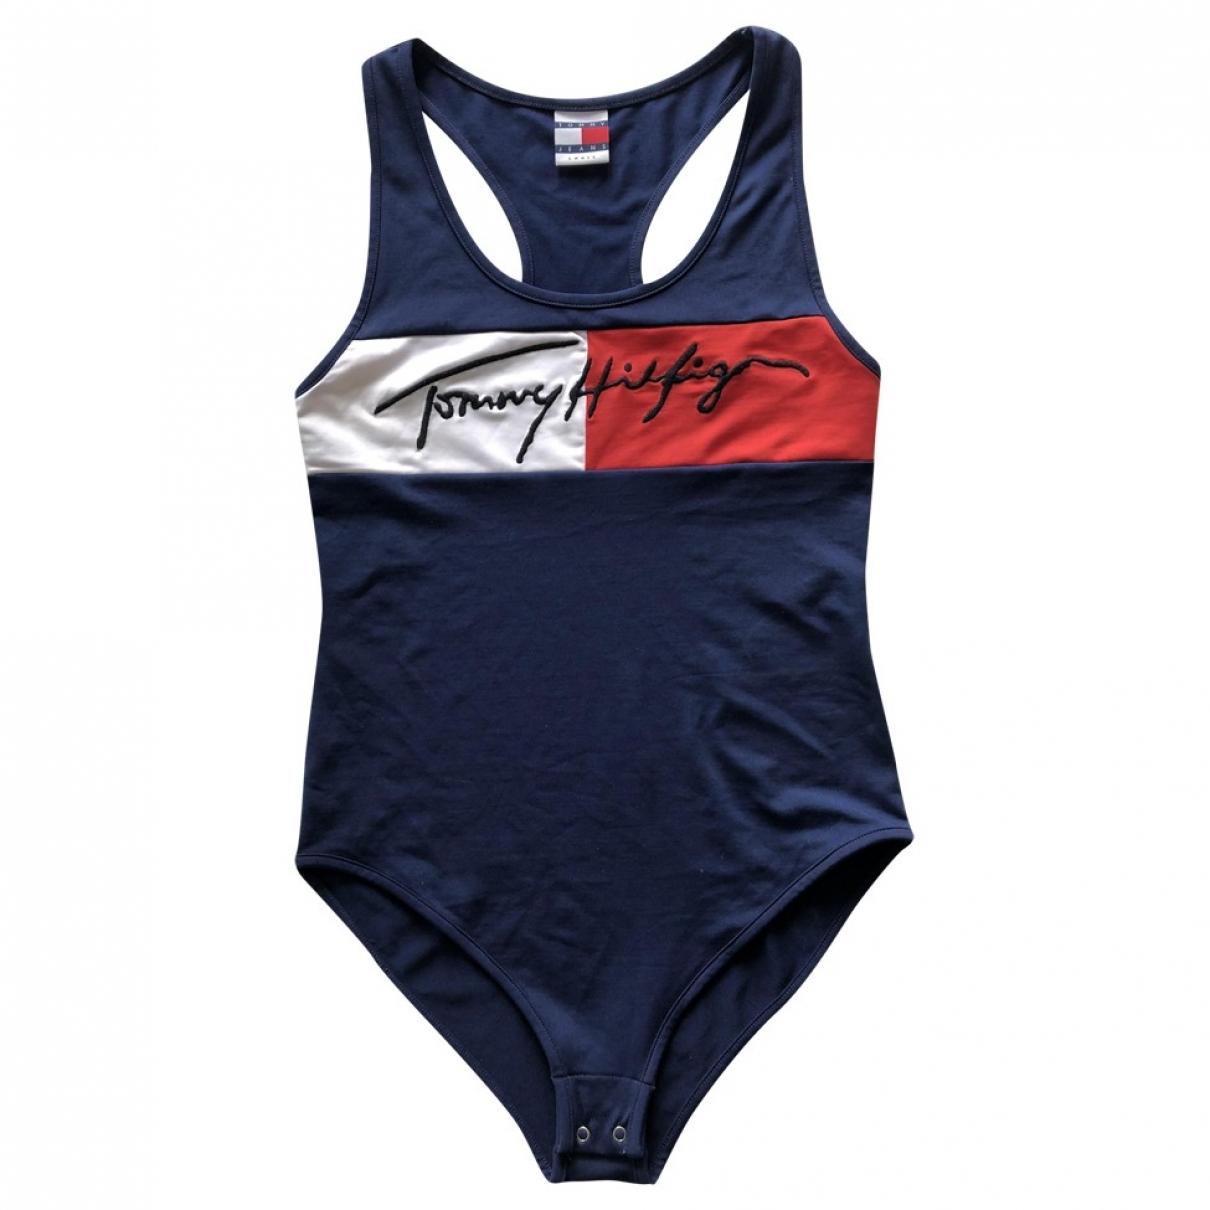 Tommy Hilfiger \N Badeanzug in  Blau Polyester